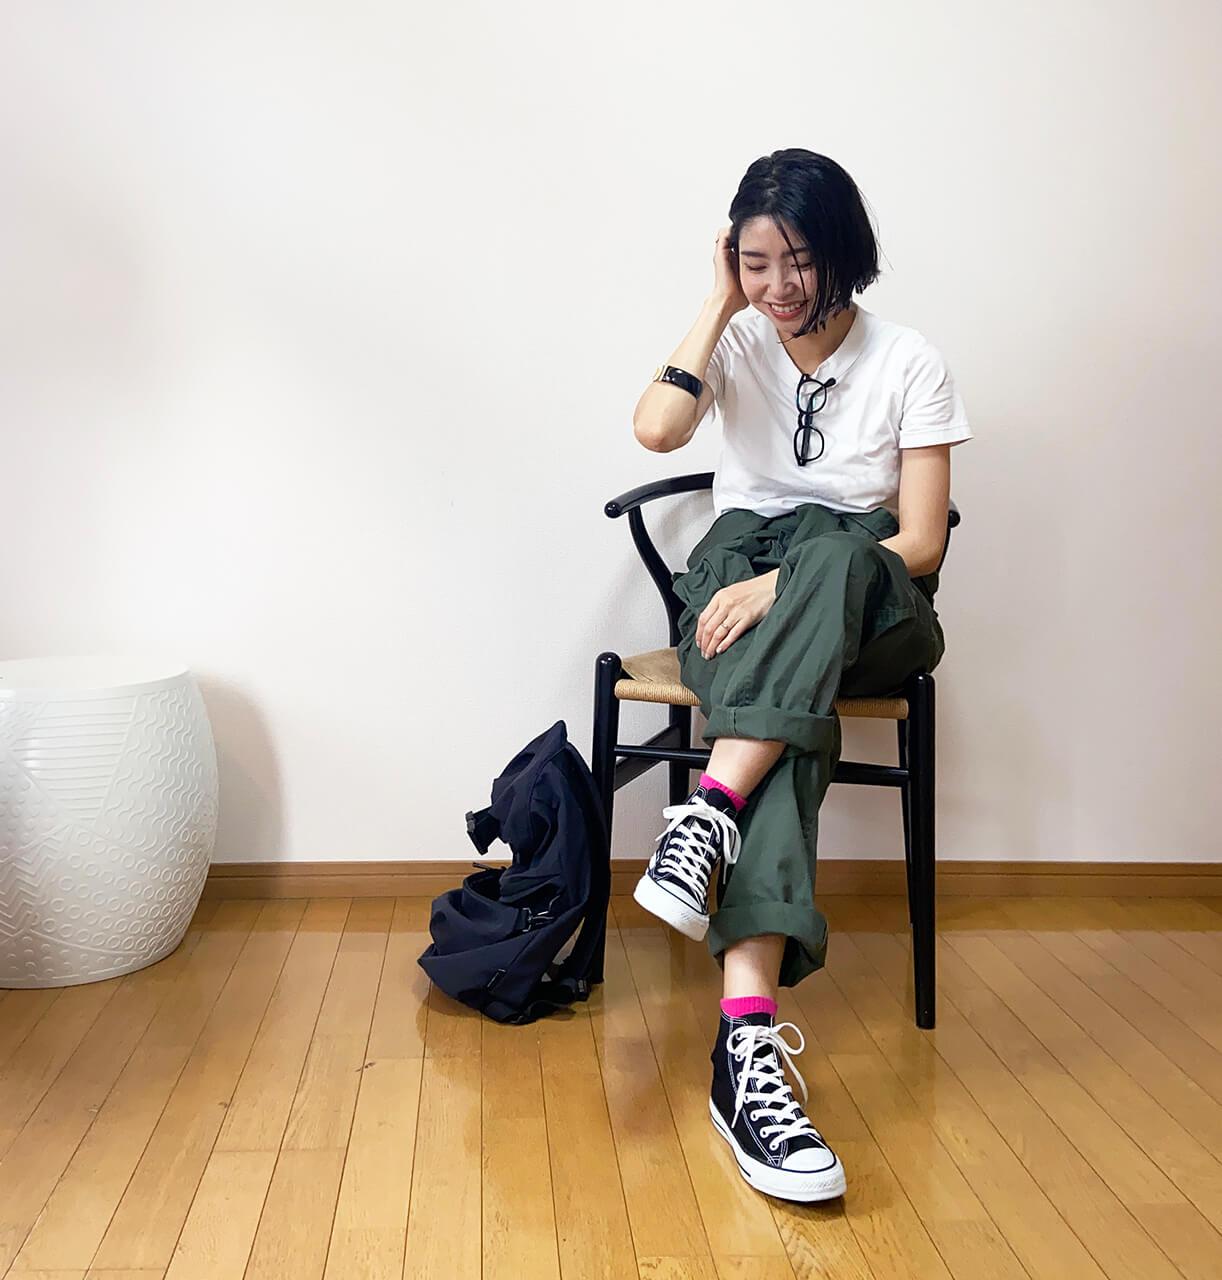 高木綾子/カットソー/ジュンヤワタナベ パンツ/ワークマン ソックス/ファミリーマート スニーカー/コンバース